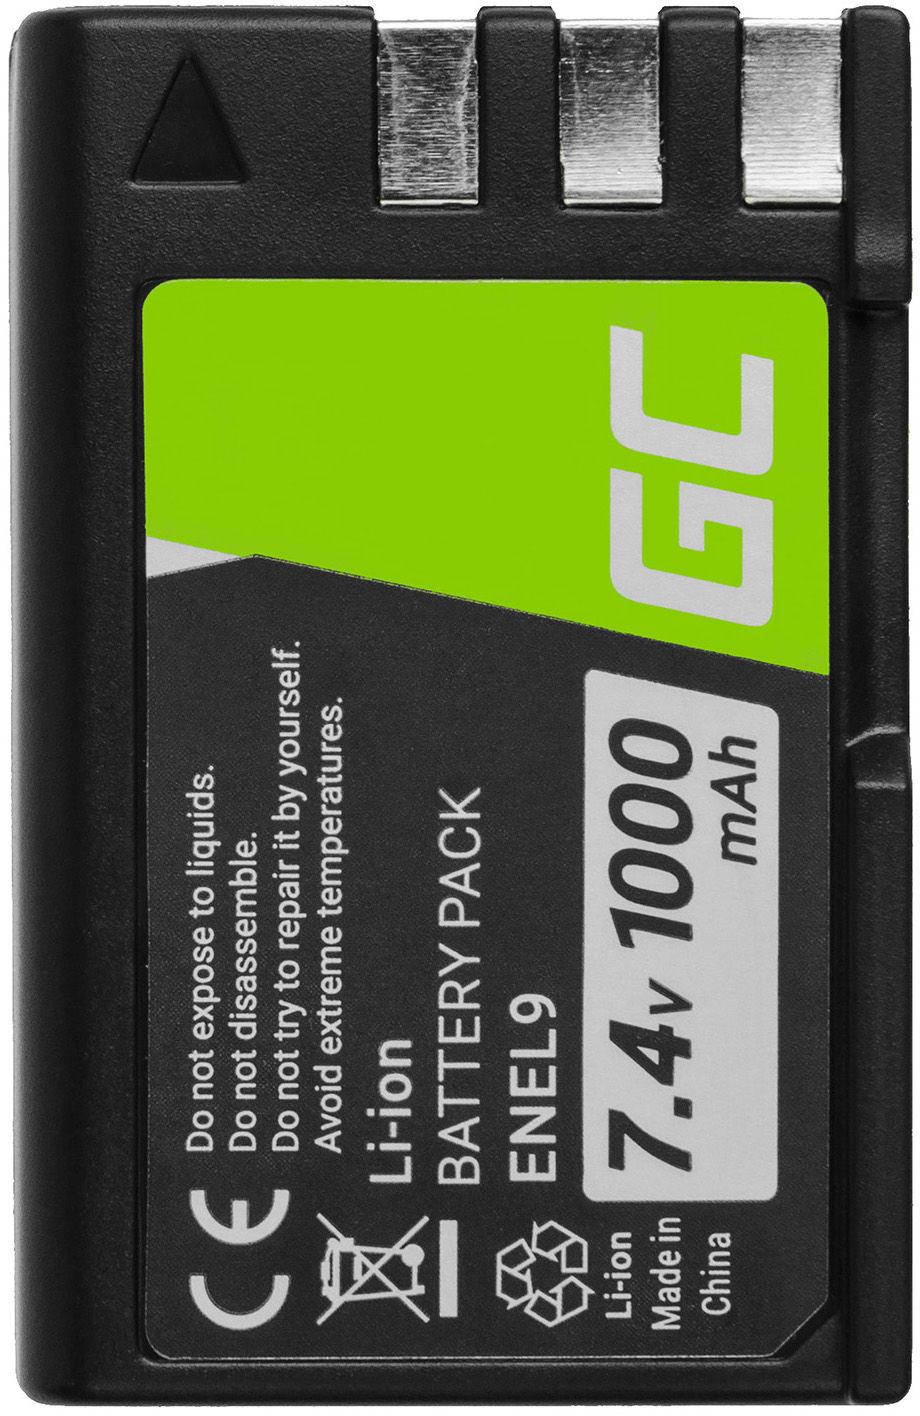 Akumulator Bateria Green Cell  EN-EL9 EN-EL9A EN-EL9E ENEL9 do Nikon DSLR D40 D40A D40C D40X D60 D3000 D5000 7.4V 1000mAh